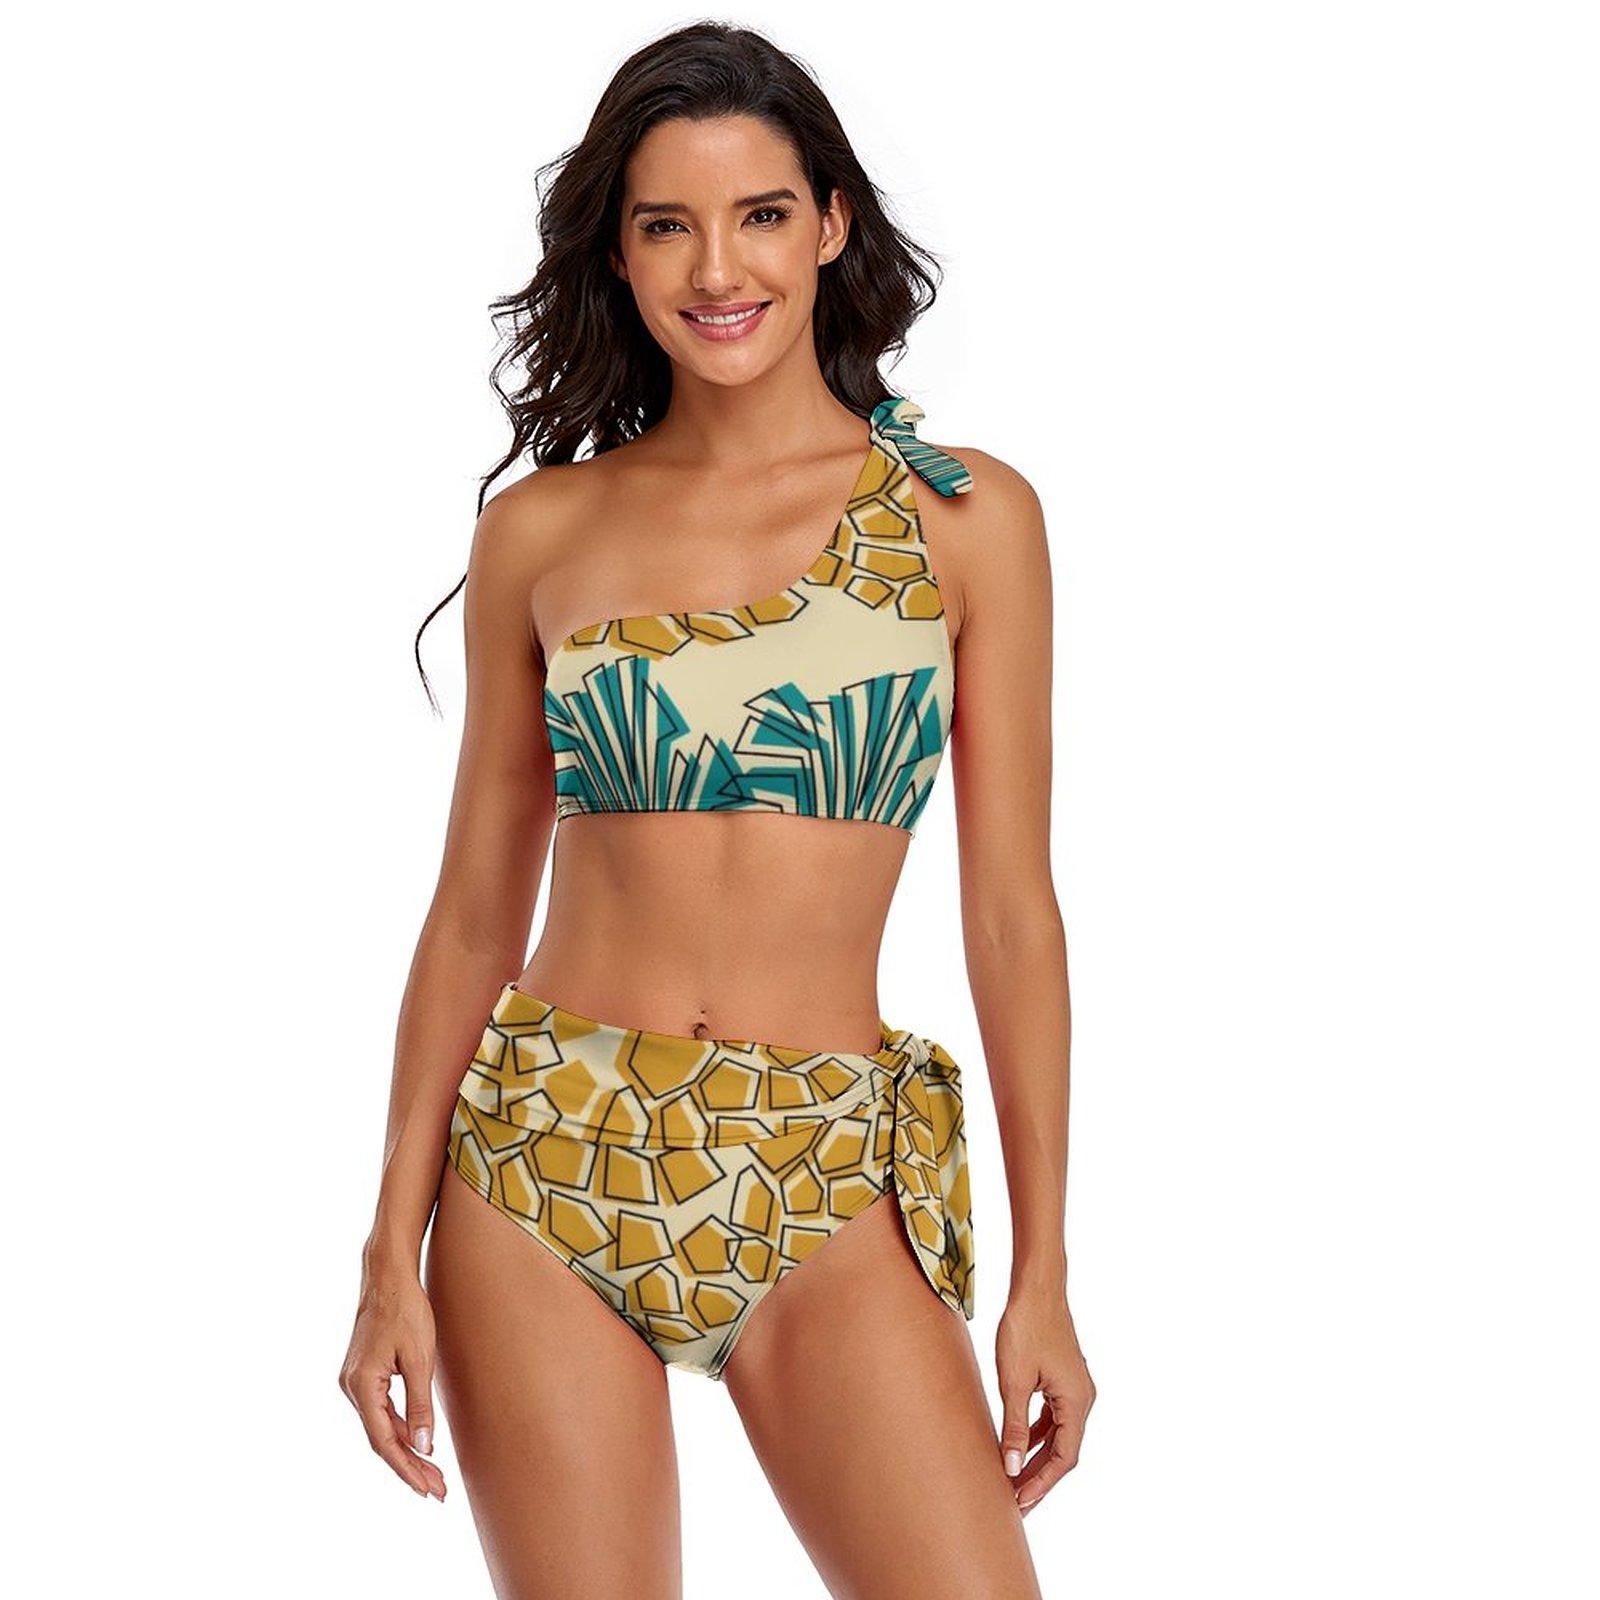 الأناناس بيكيني ملابس السباحة التعادل الجانب بيع Kawaii ملابس اللياقة البدنية قطعتين ل كبير الثدي ثوب السباحة